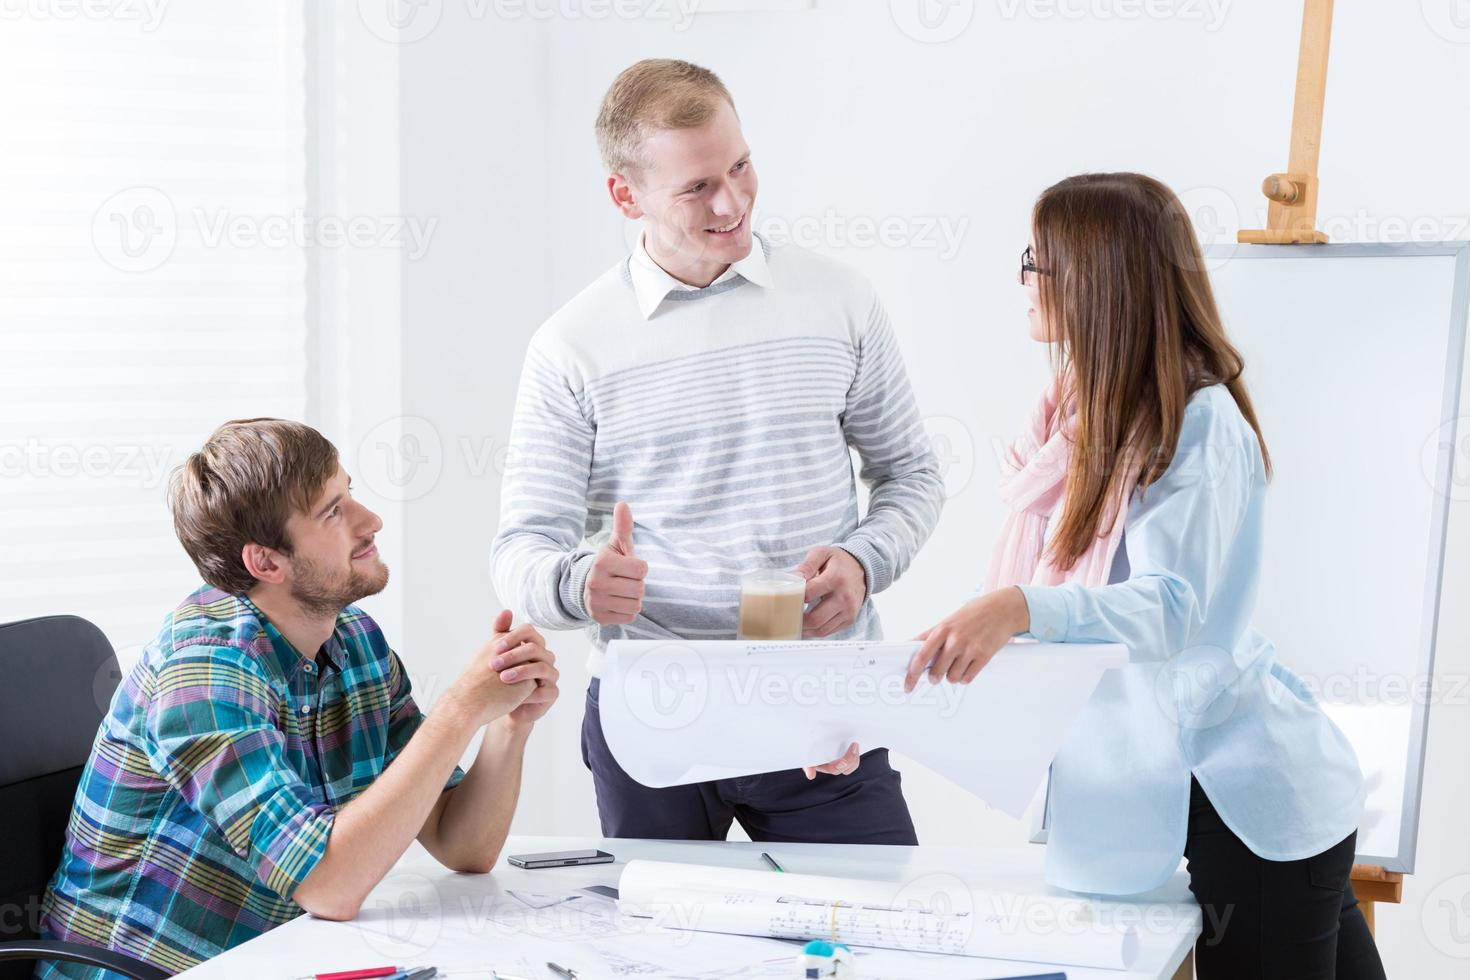 junges Architektenteam bei der Arbeit foto